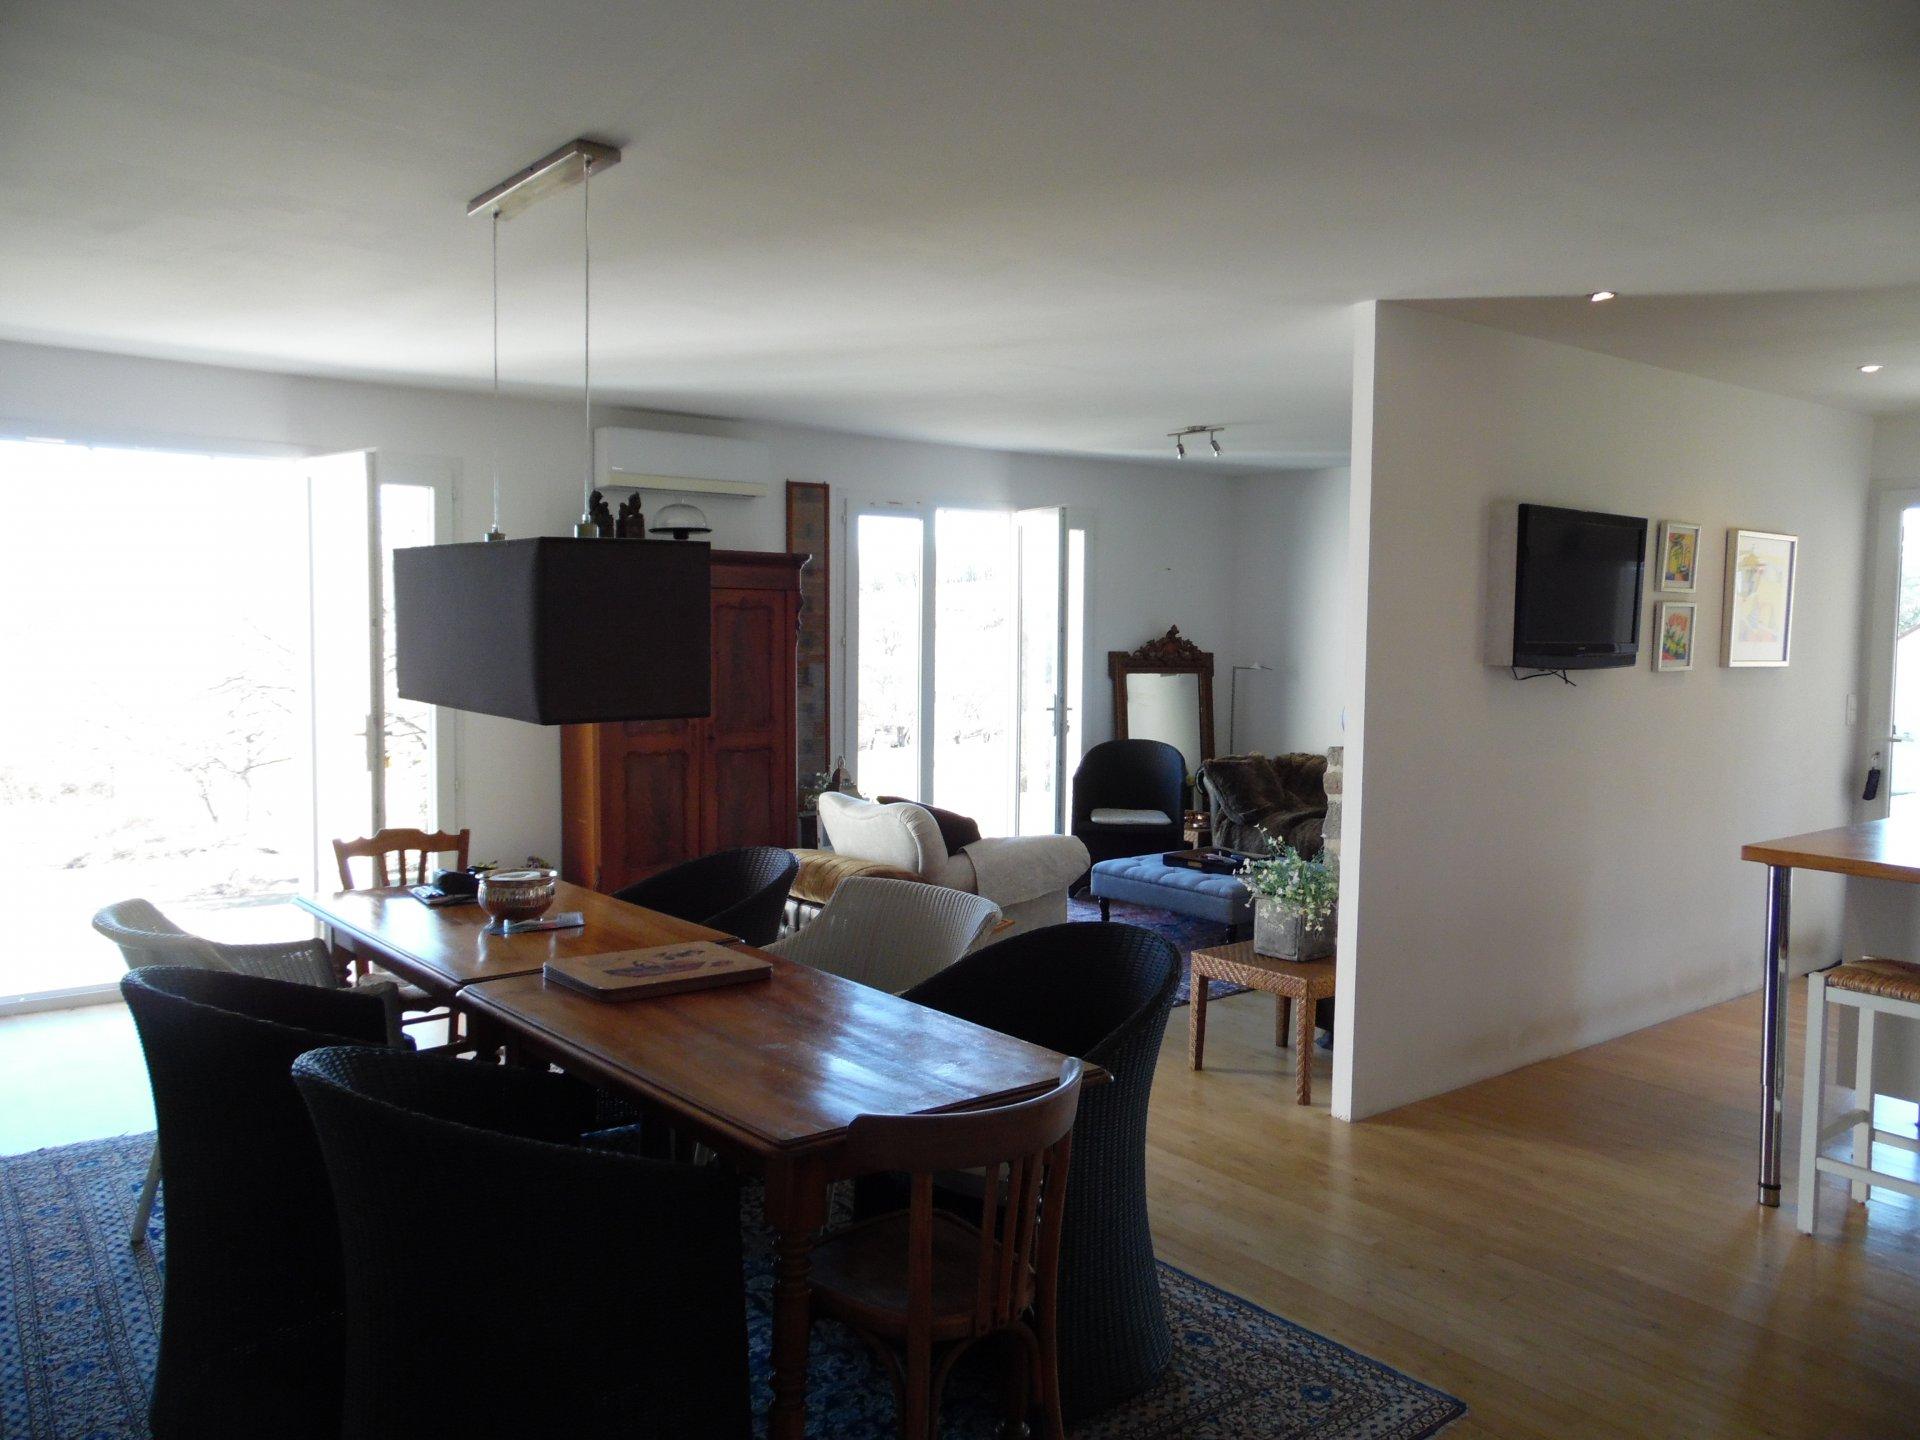 Te koop in Auzances, nieuw woonhuis, dubbele garage, tuin en uitzicht.